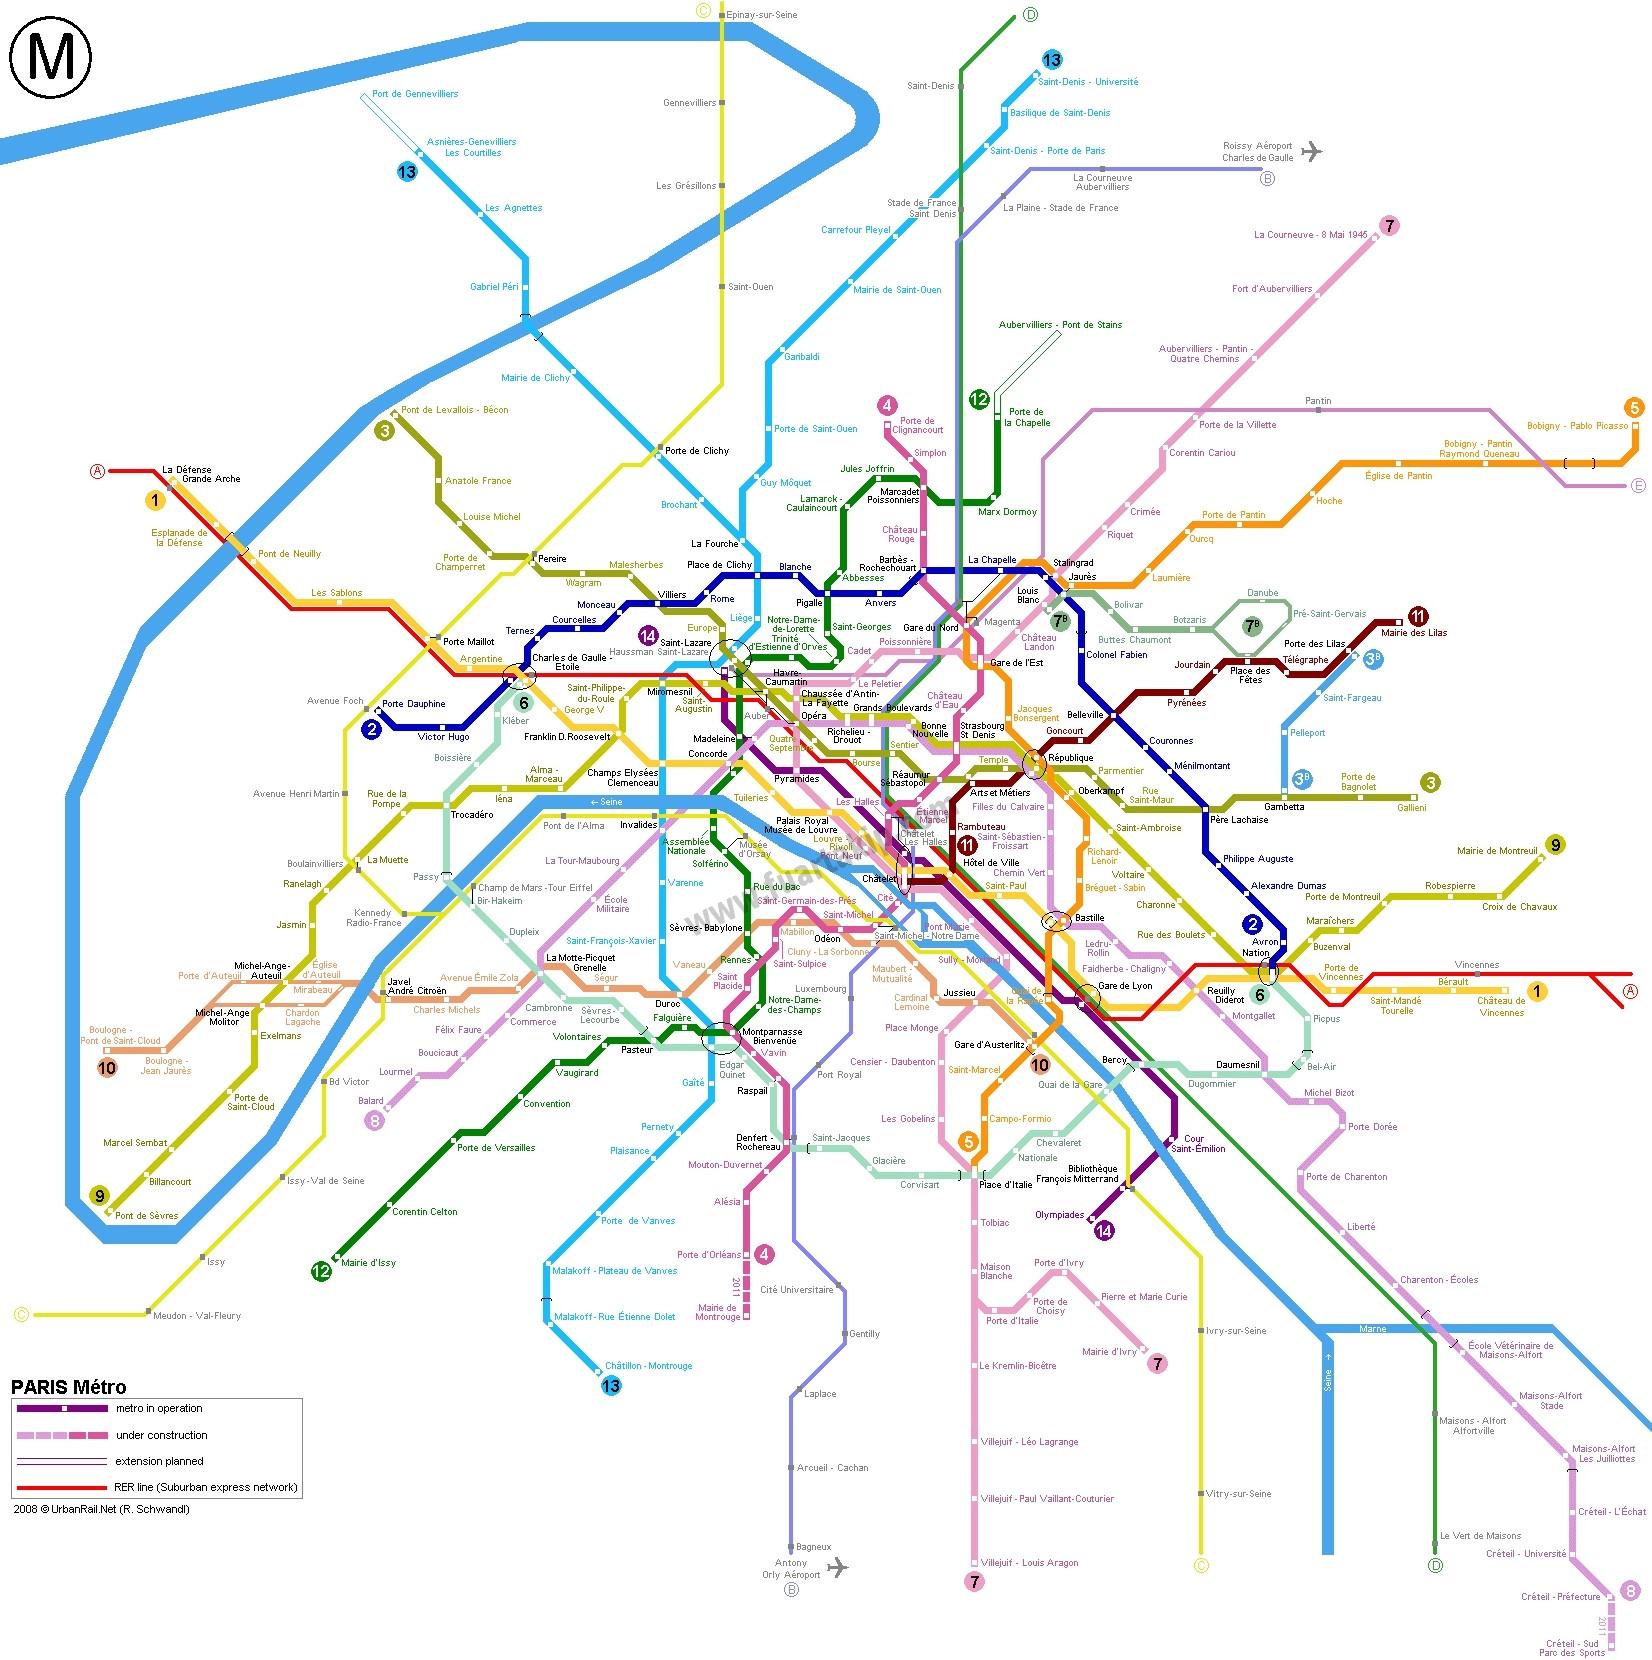 Çeşitleri paris fransa otel fuar bölge harıtasi paris fransa metro